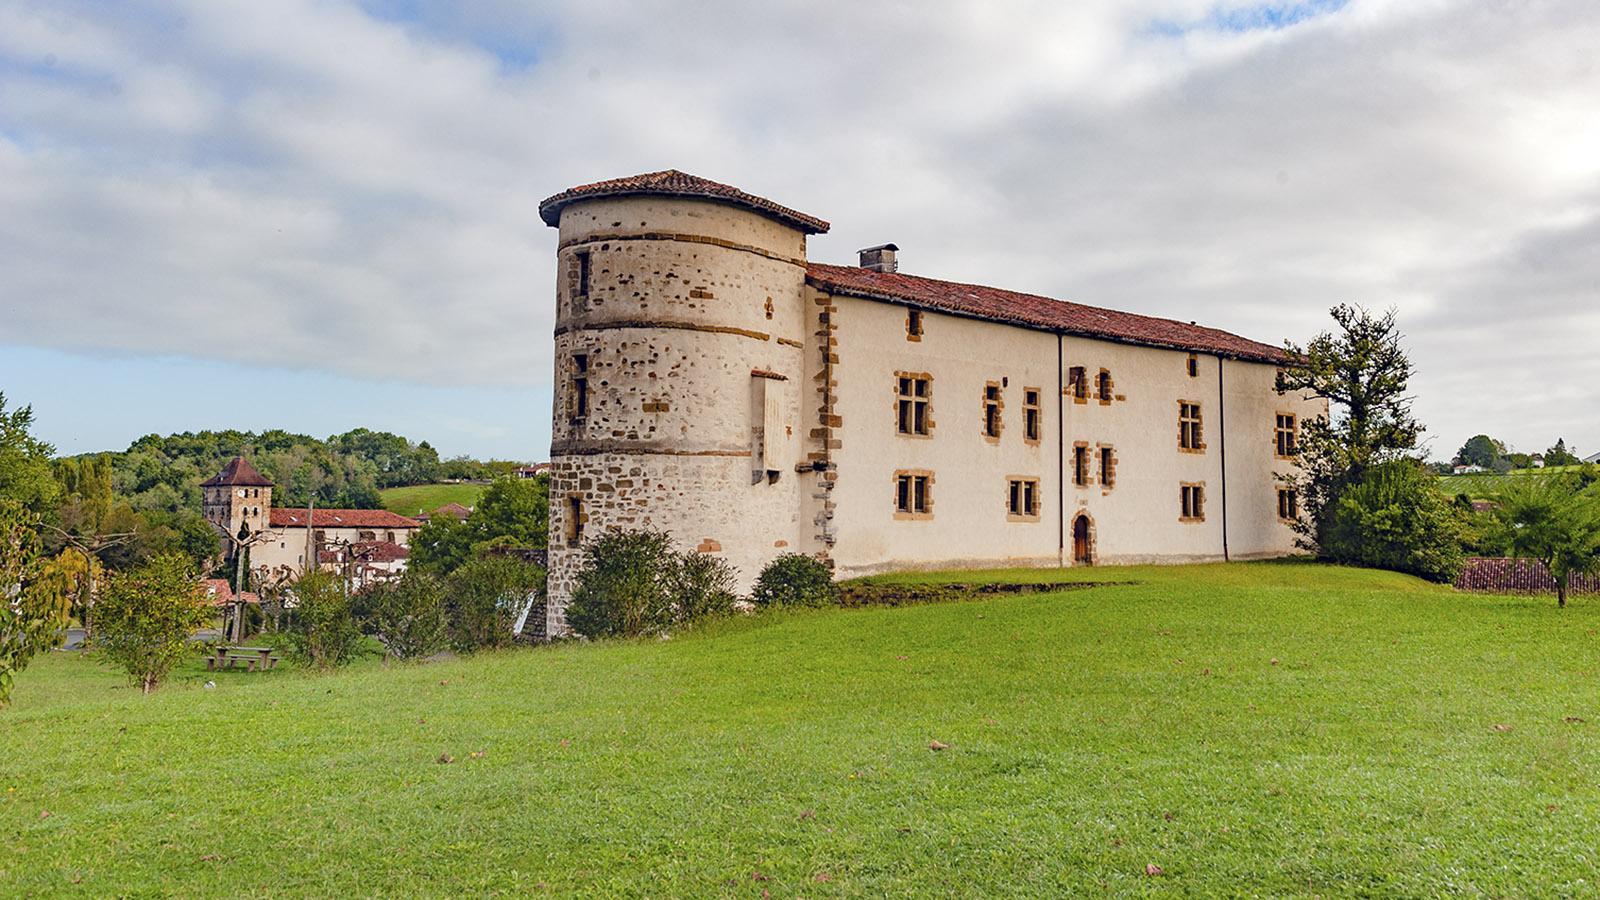 Das Geld fehlt: Für die Restaurierung des Burgschlosses sucht Espelette finanzkräftige Mäzene. Foto: Hilke Maunder